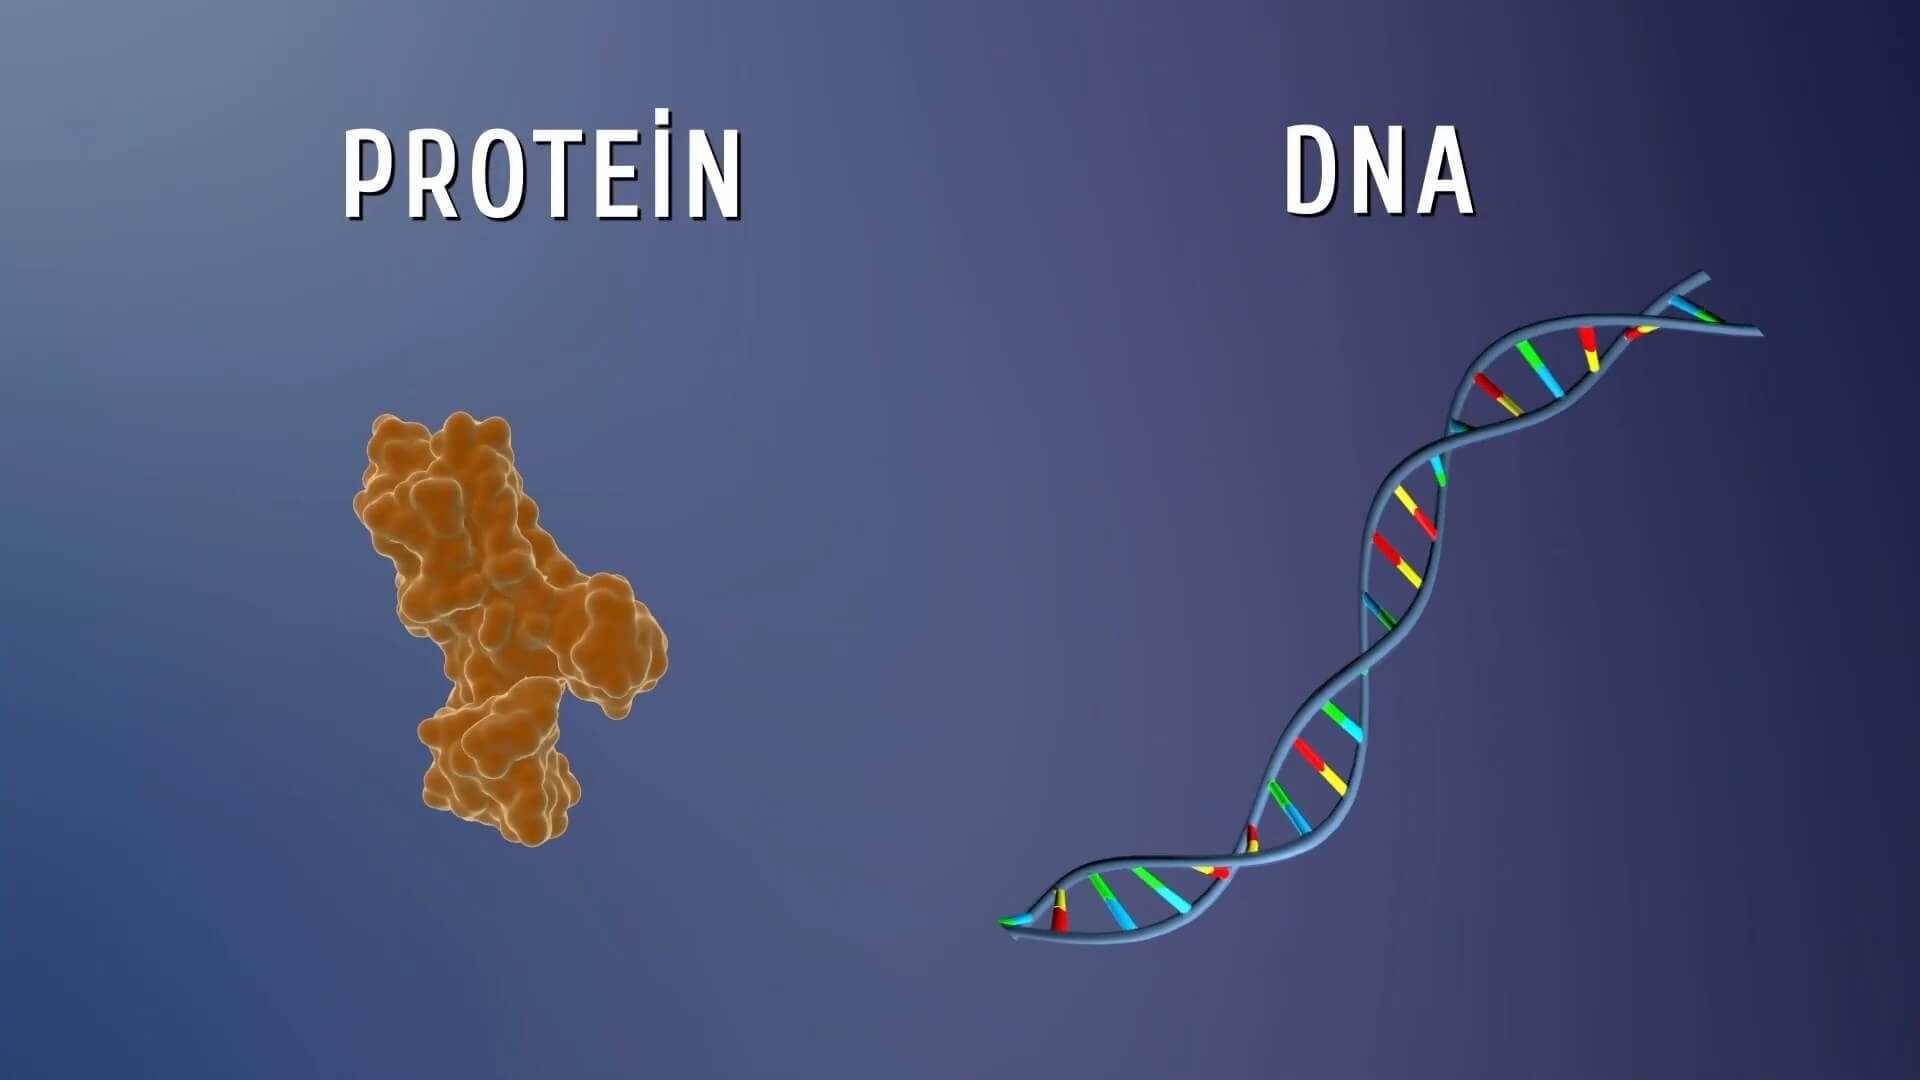 Proteindeki Yazılım İnsanoğlunun Maddesel Yapısı Belgesel Animasyon Film 3 1920x1080 - Proteindeki Yazılım, İnsanoğlunun Maddesel Yapısıyla İlgili Keşifleri